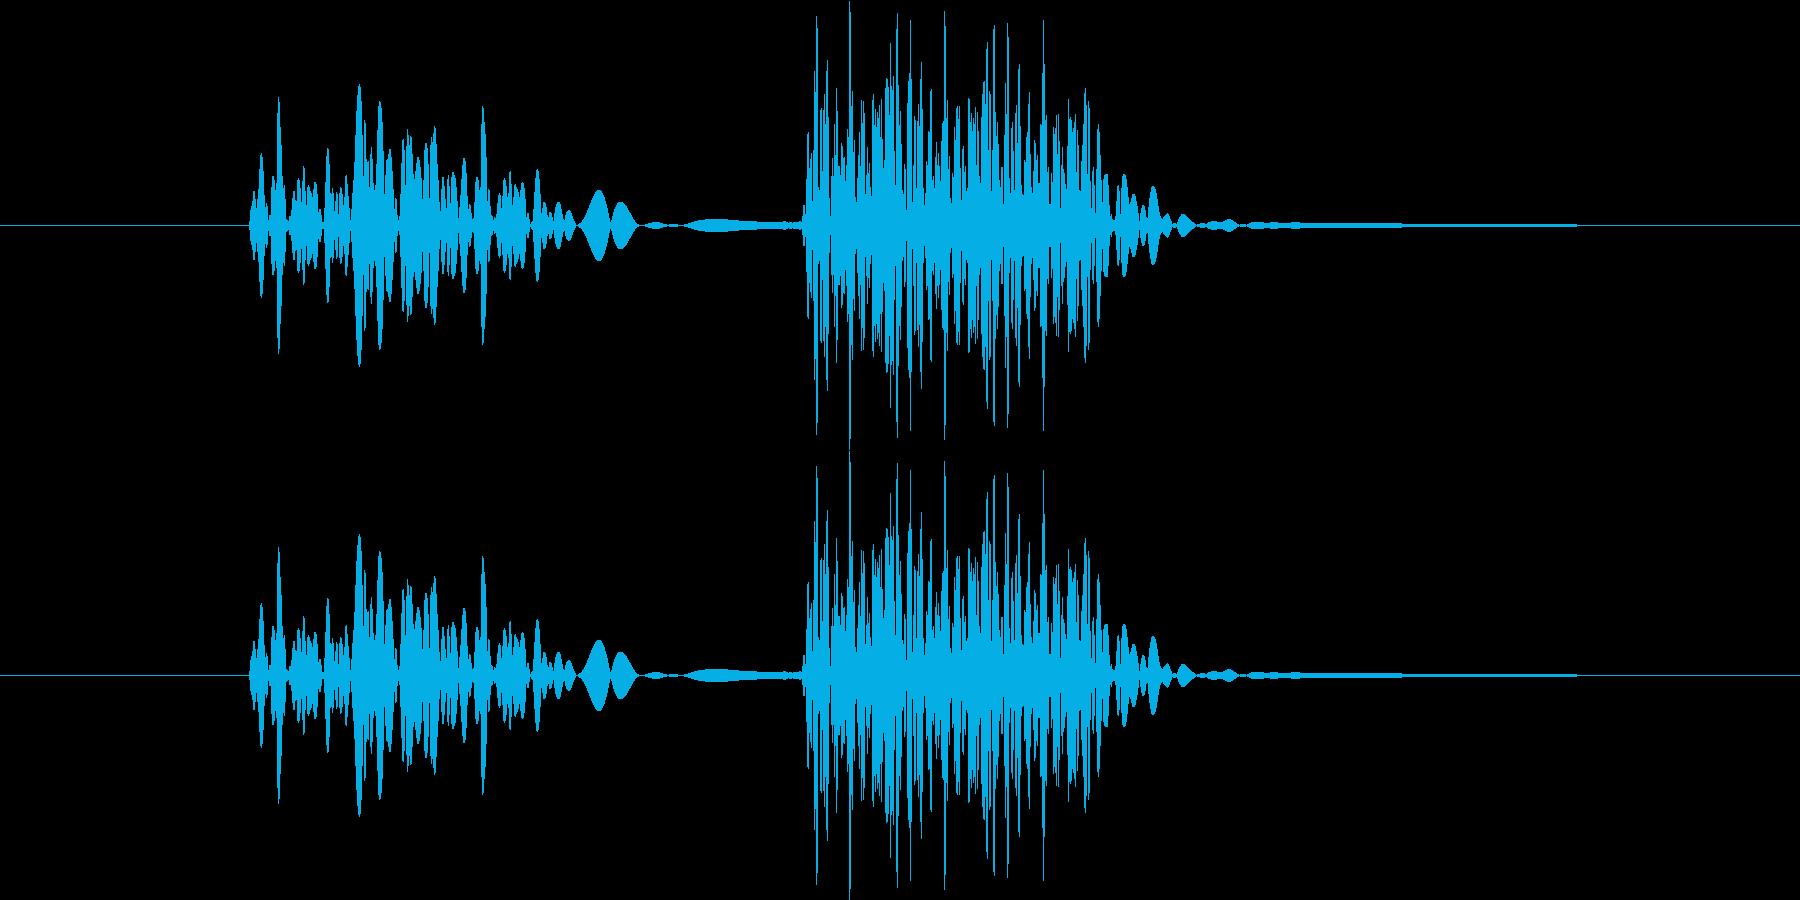 レトロなキャンセル音(ビシッ)の再生済みの波形